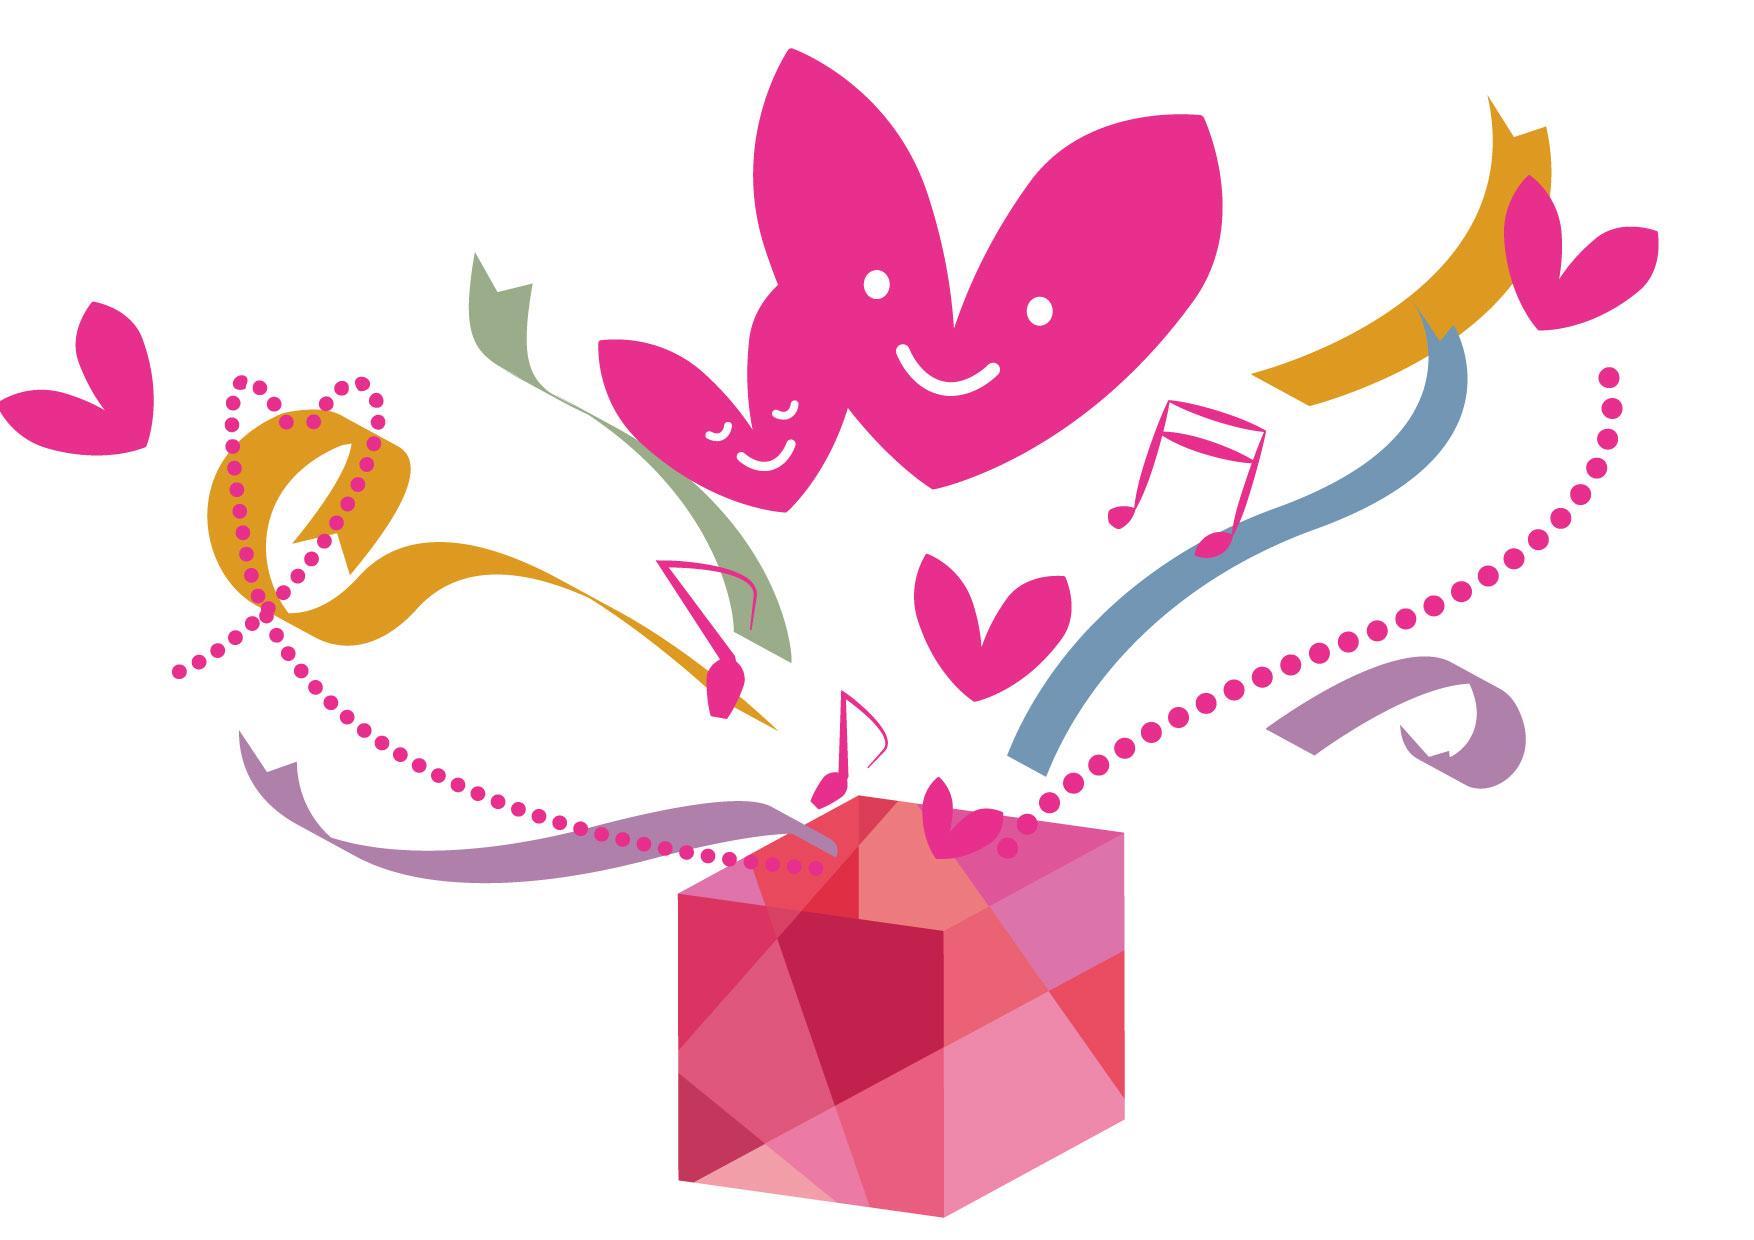 可愛いイラスト無料|バレンタイン ハート プレゼント リボン − free illustration Valentine Heart Present Ribbon